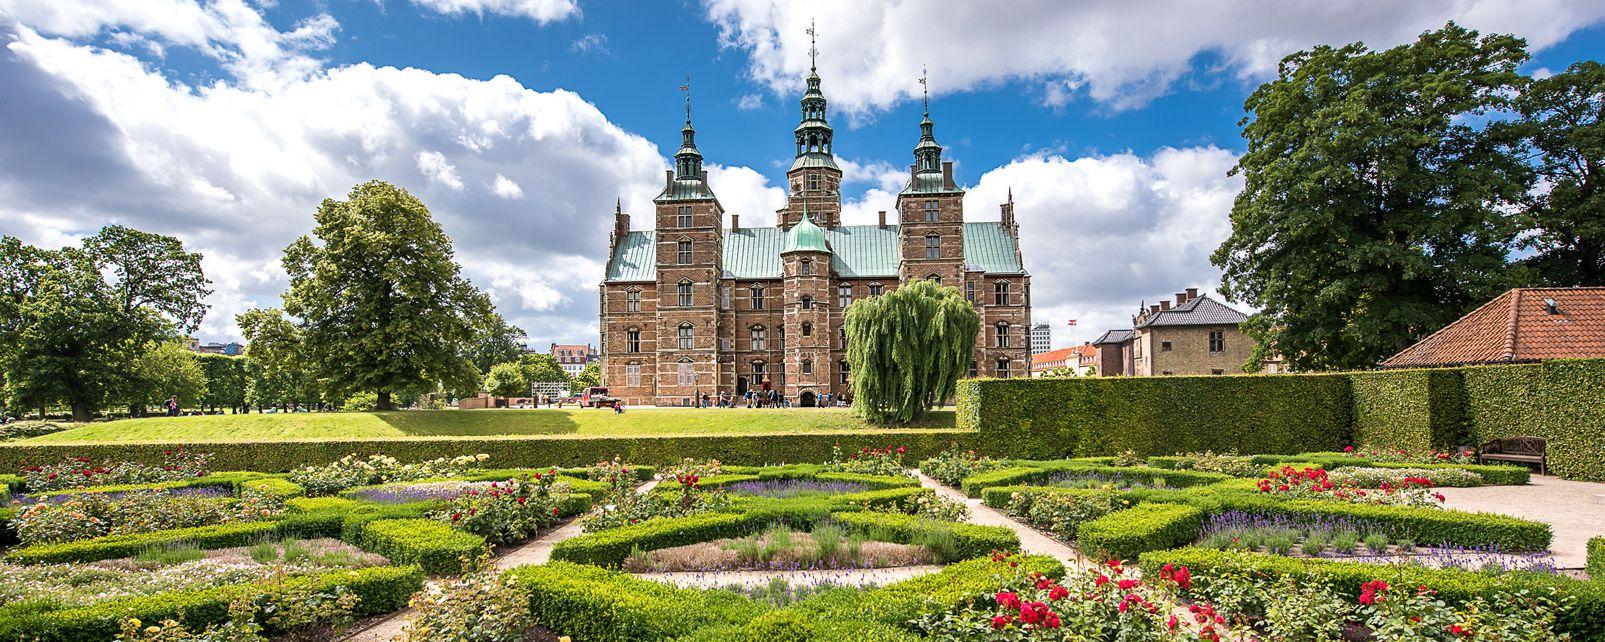 Les châteaux royaux , Le château de Kronborg à Helsingør , Danemark